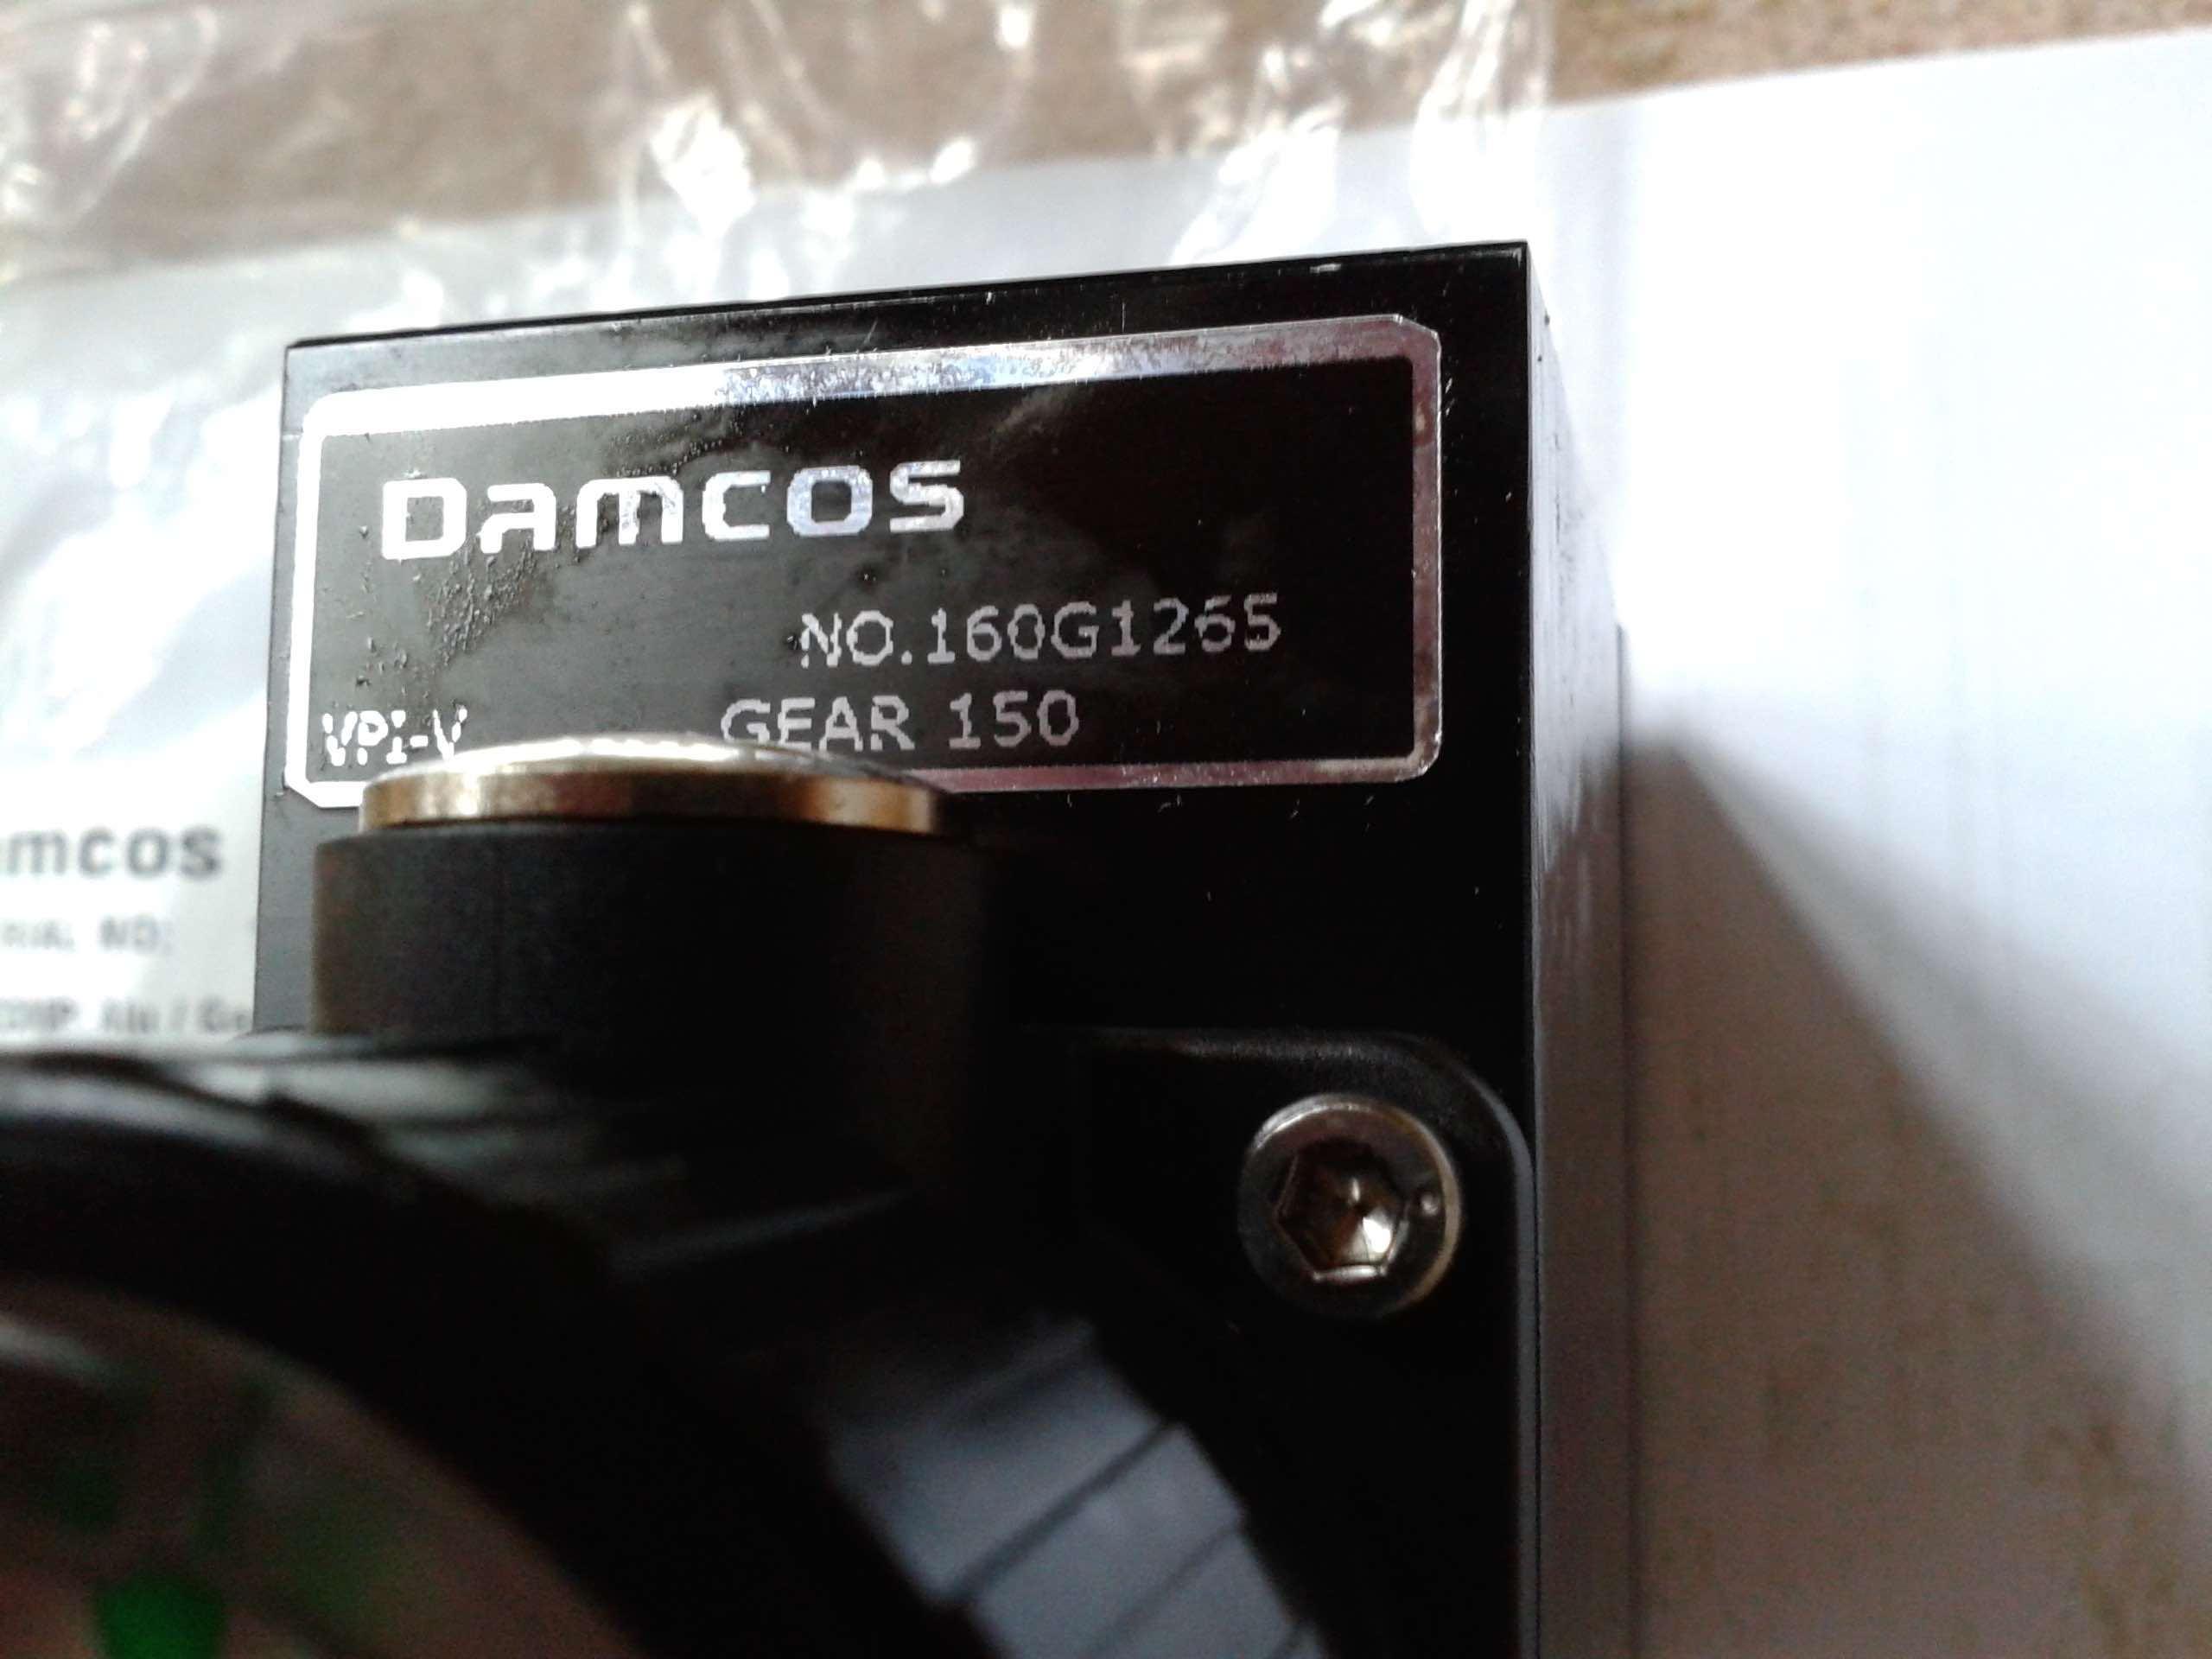 Damcos VPI-V 160G1265P (1)